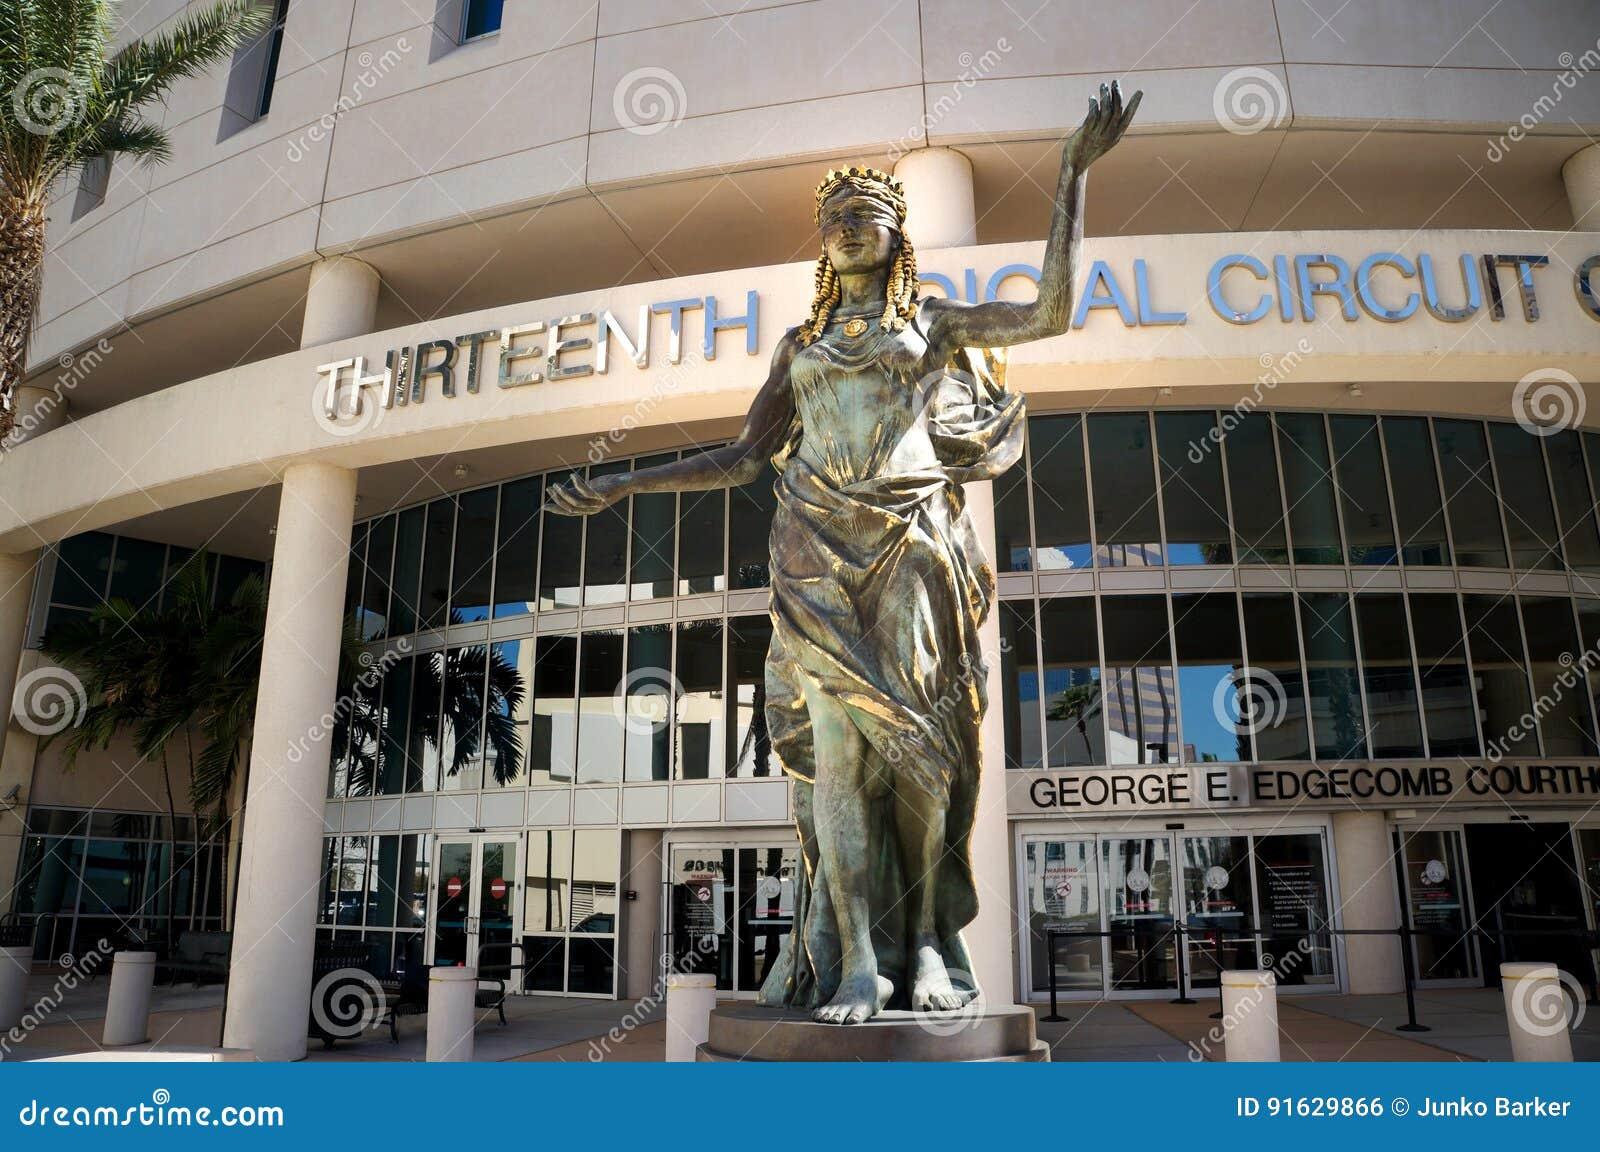 Thirteenth Sądowy sąd objazdowy Floryda, W centrum Tampa, Floryda, Stany Zjednoczone